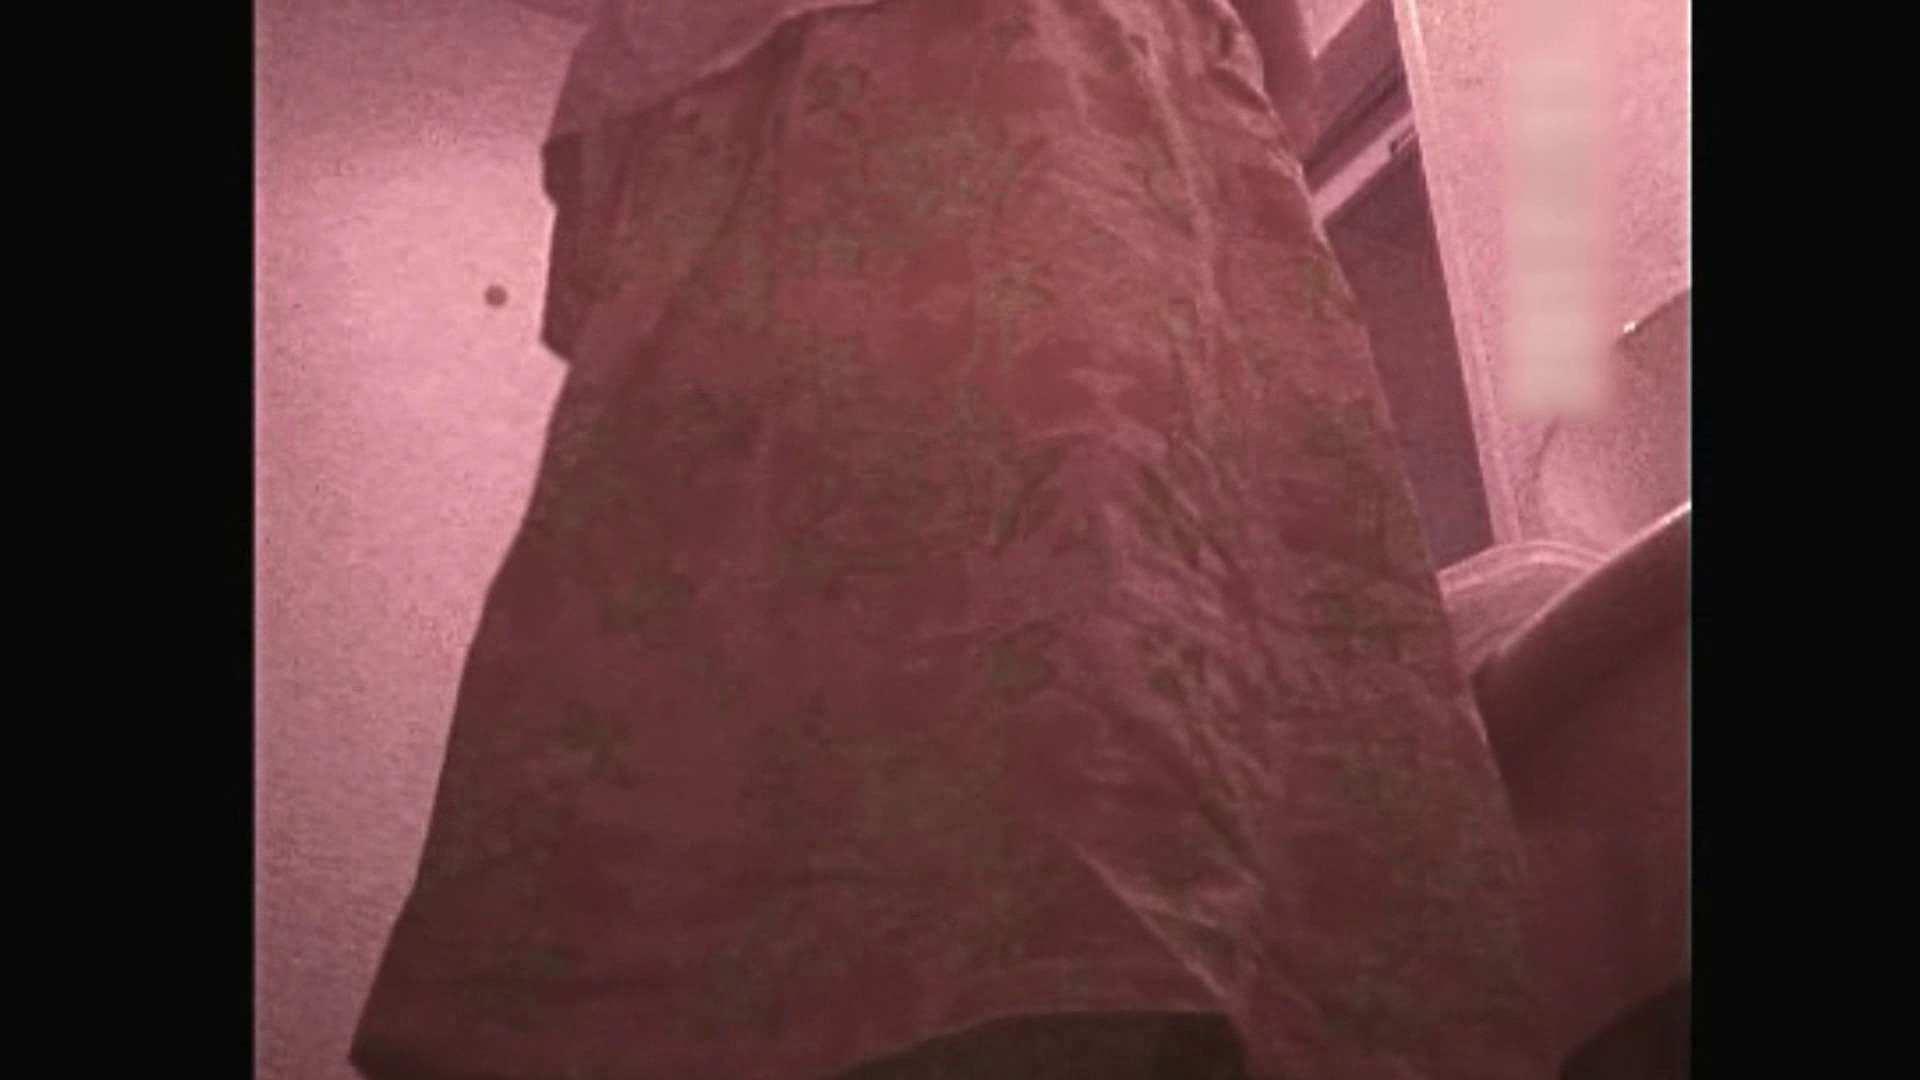 ▲復活限定D▲禁断塾講のおしえ子(シリーズⅢ)あみちゃん  Vol.23脱衣編 ホテル   美肌  51画像 38